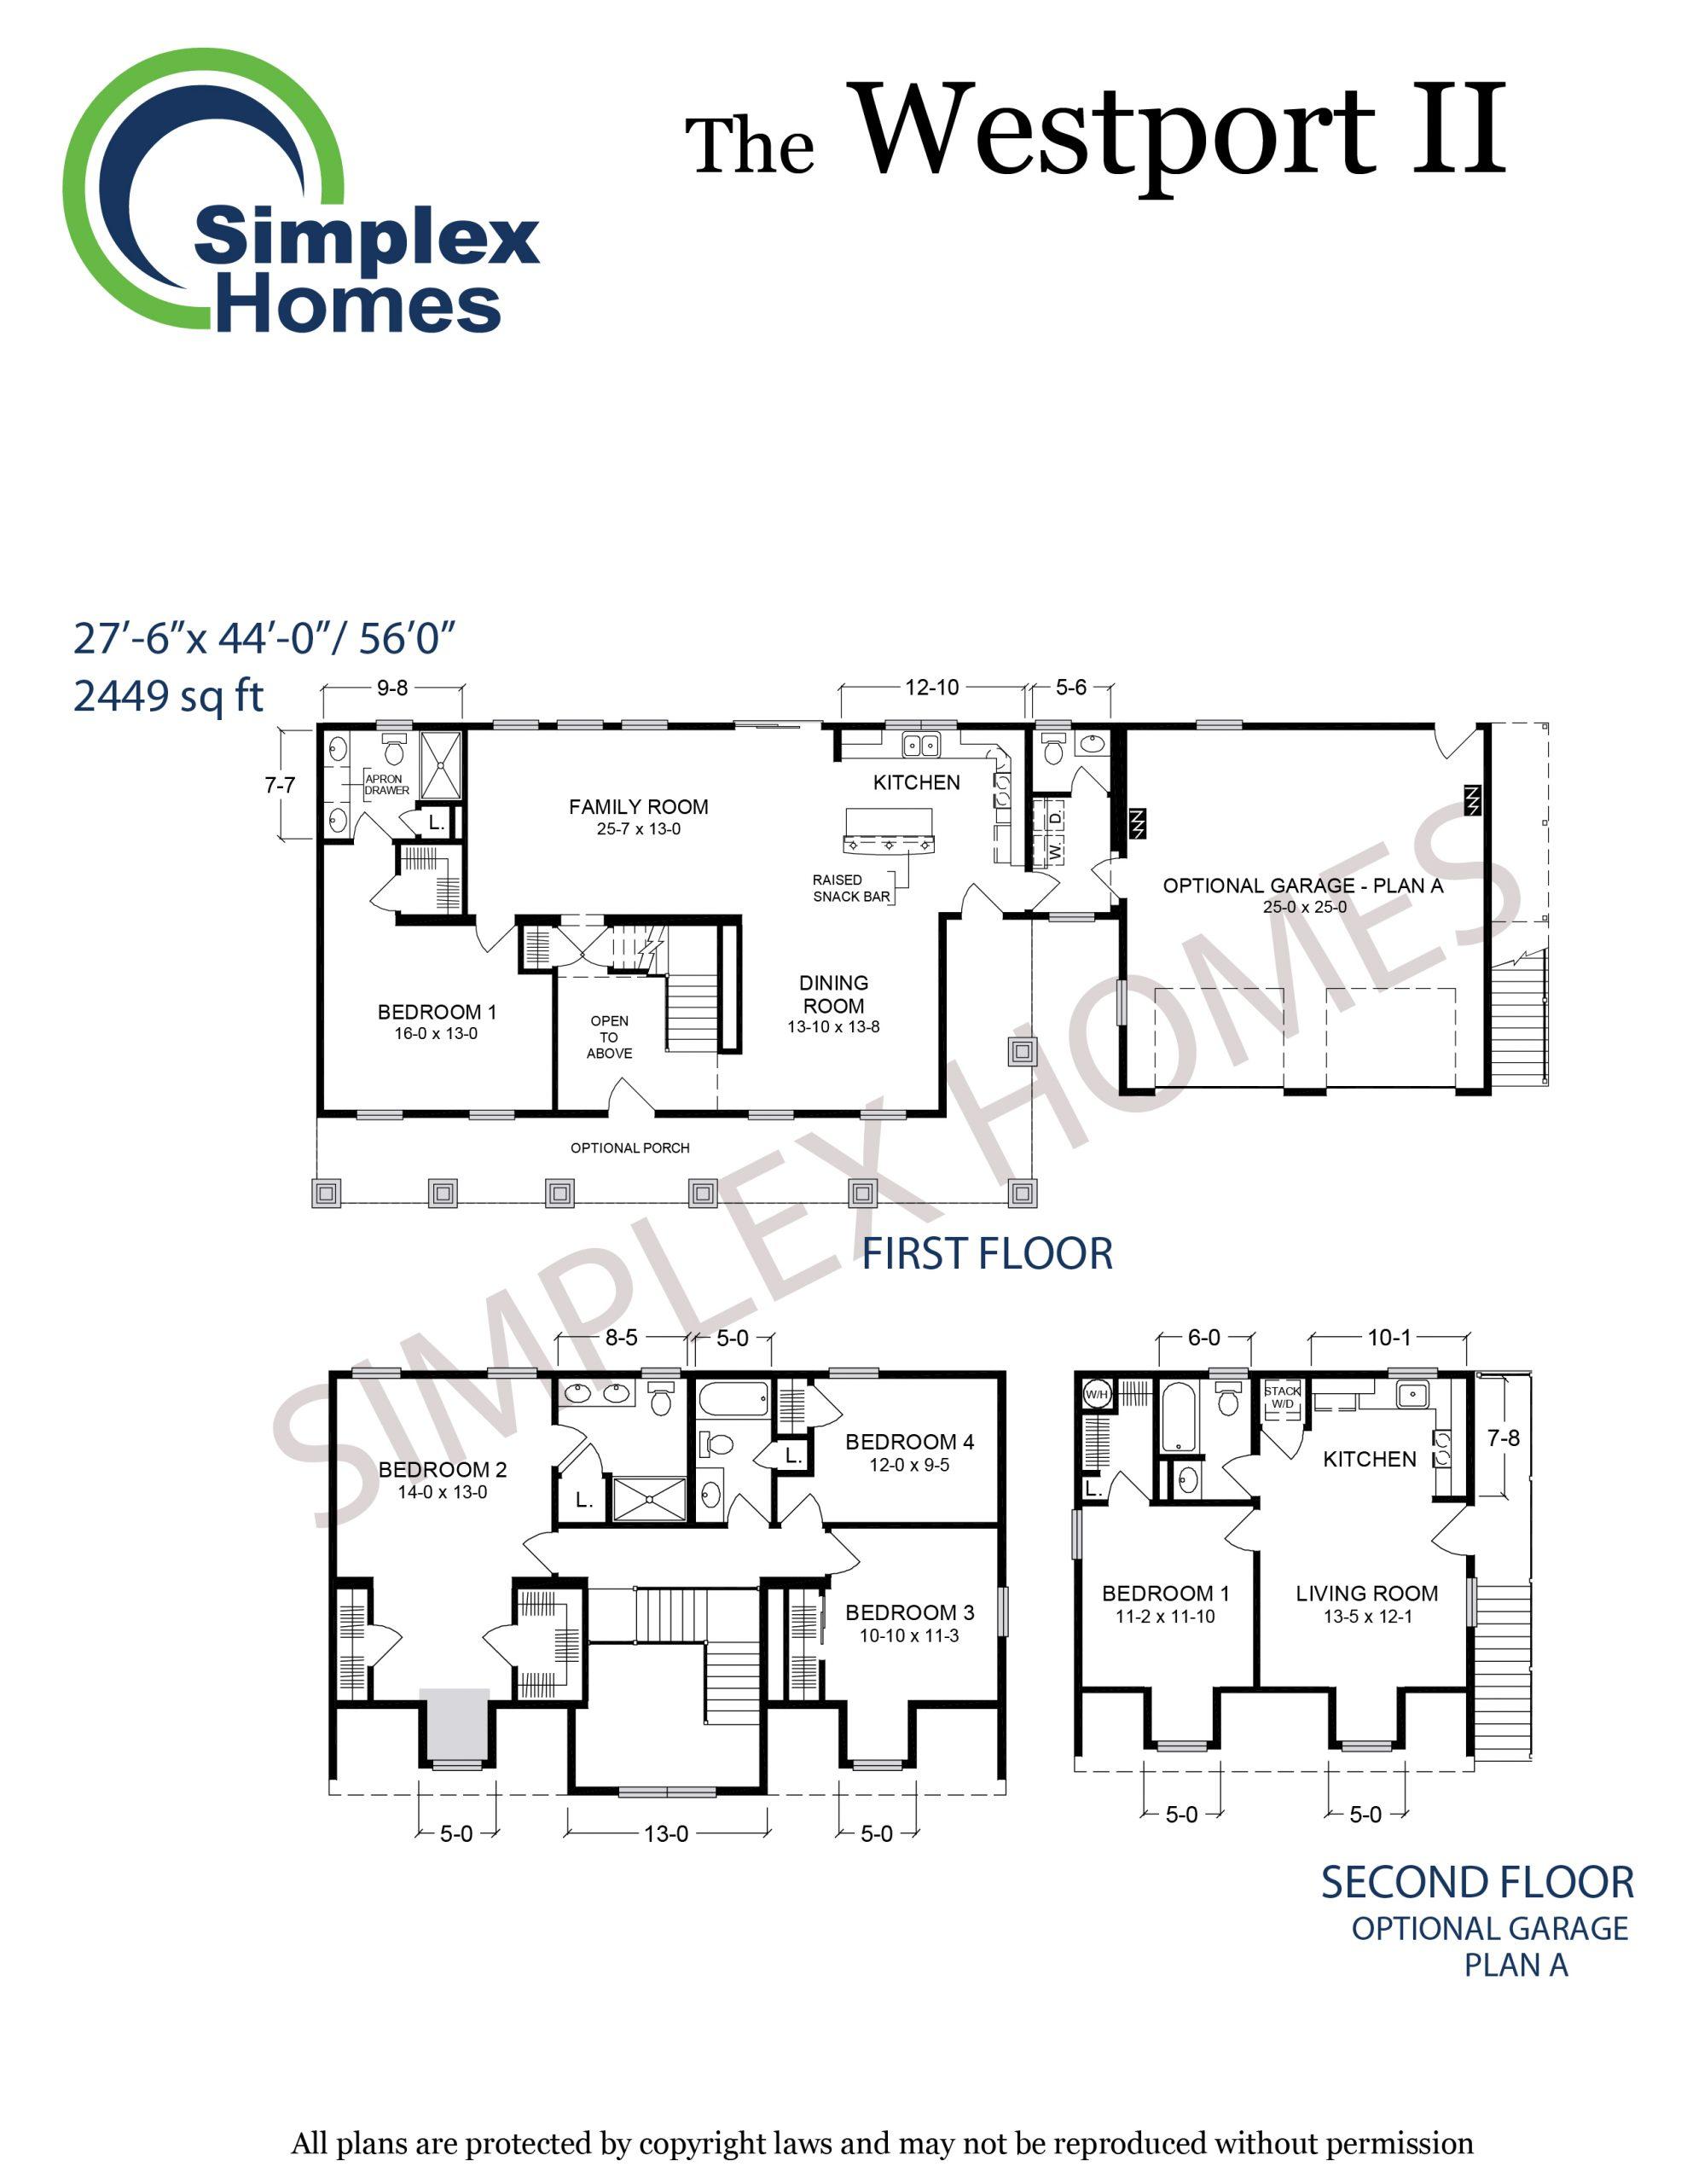 westport II floor plan